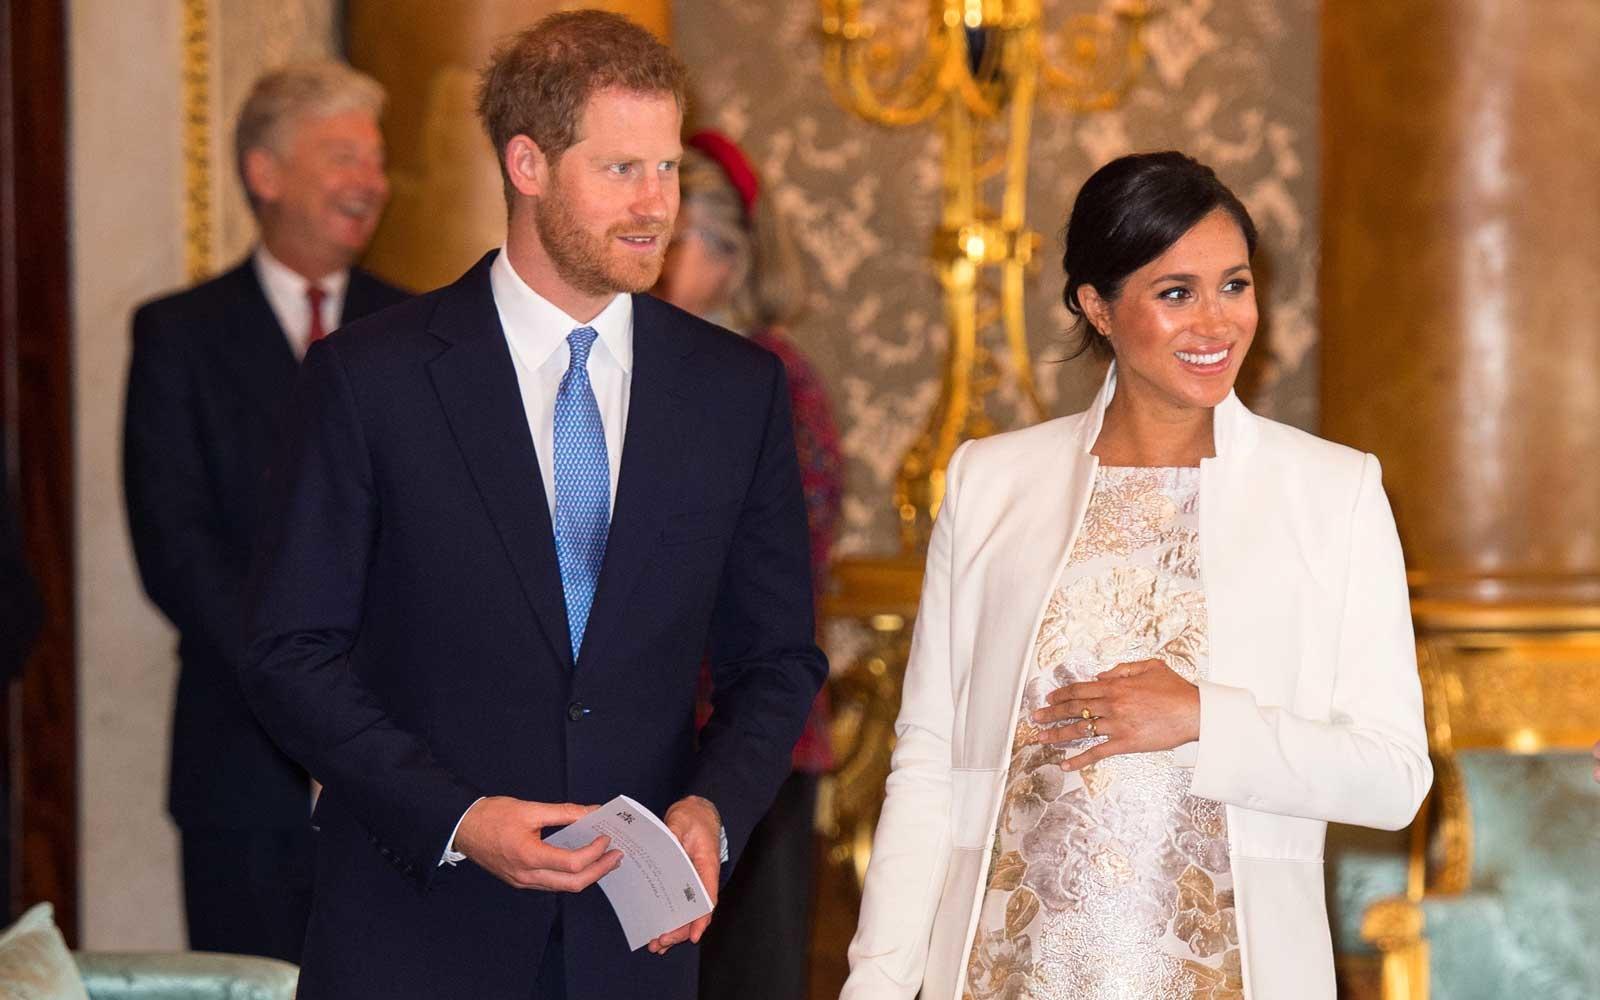 梅根王妃诞下男婴 英媒:新生儿不会在媒体前亮相